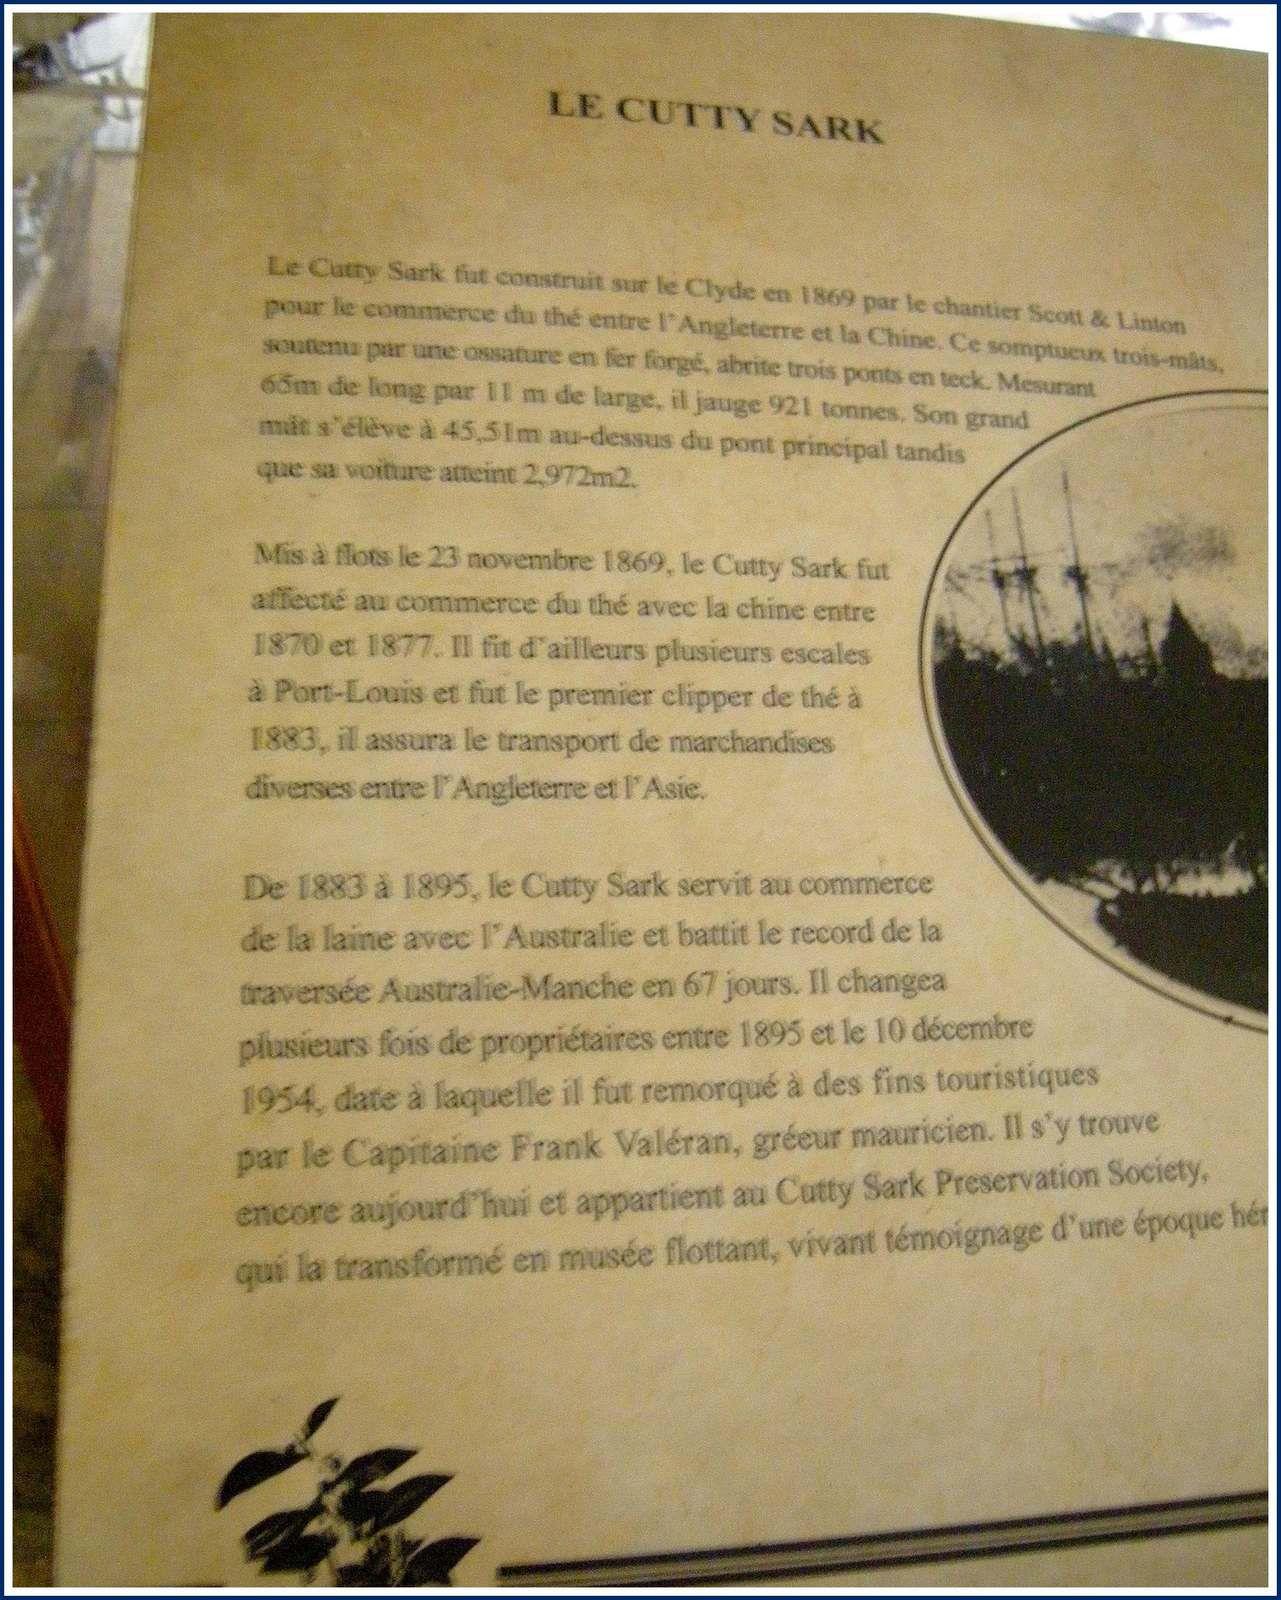 """329 - Île Maurice photos en passant... du 15/02/20 au 28/02/2020 - Le thé de """"Bois Chéri""""- Usine à thé - Musée du thé..."""